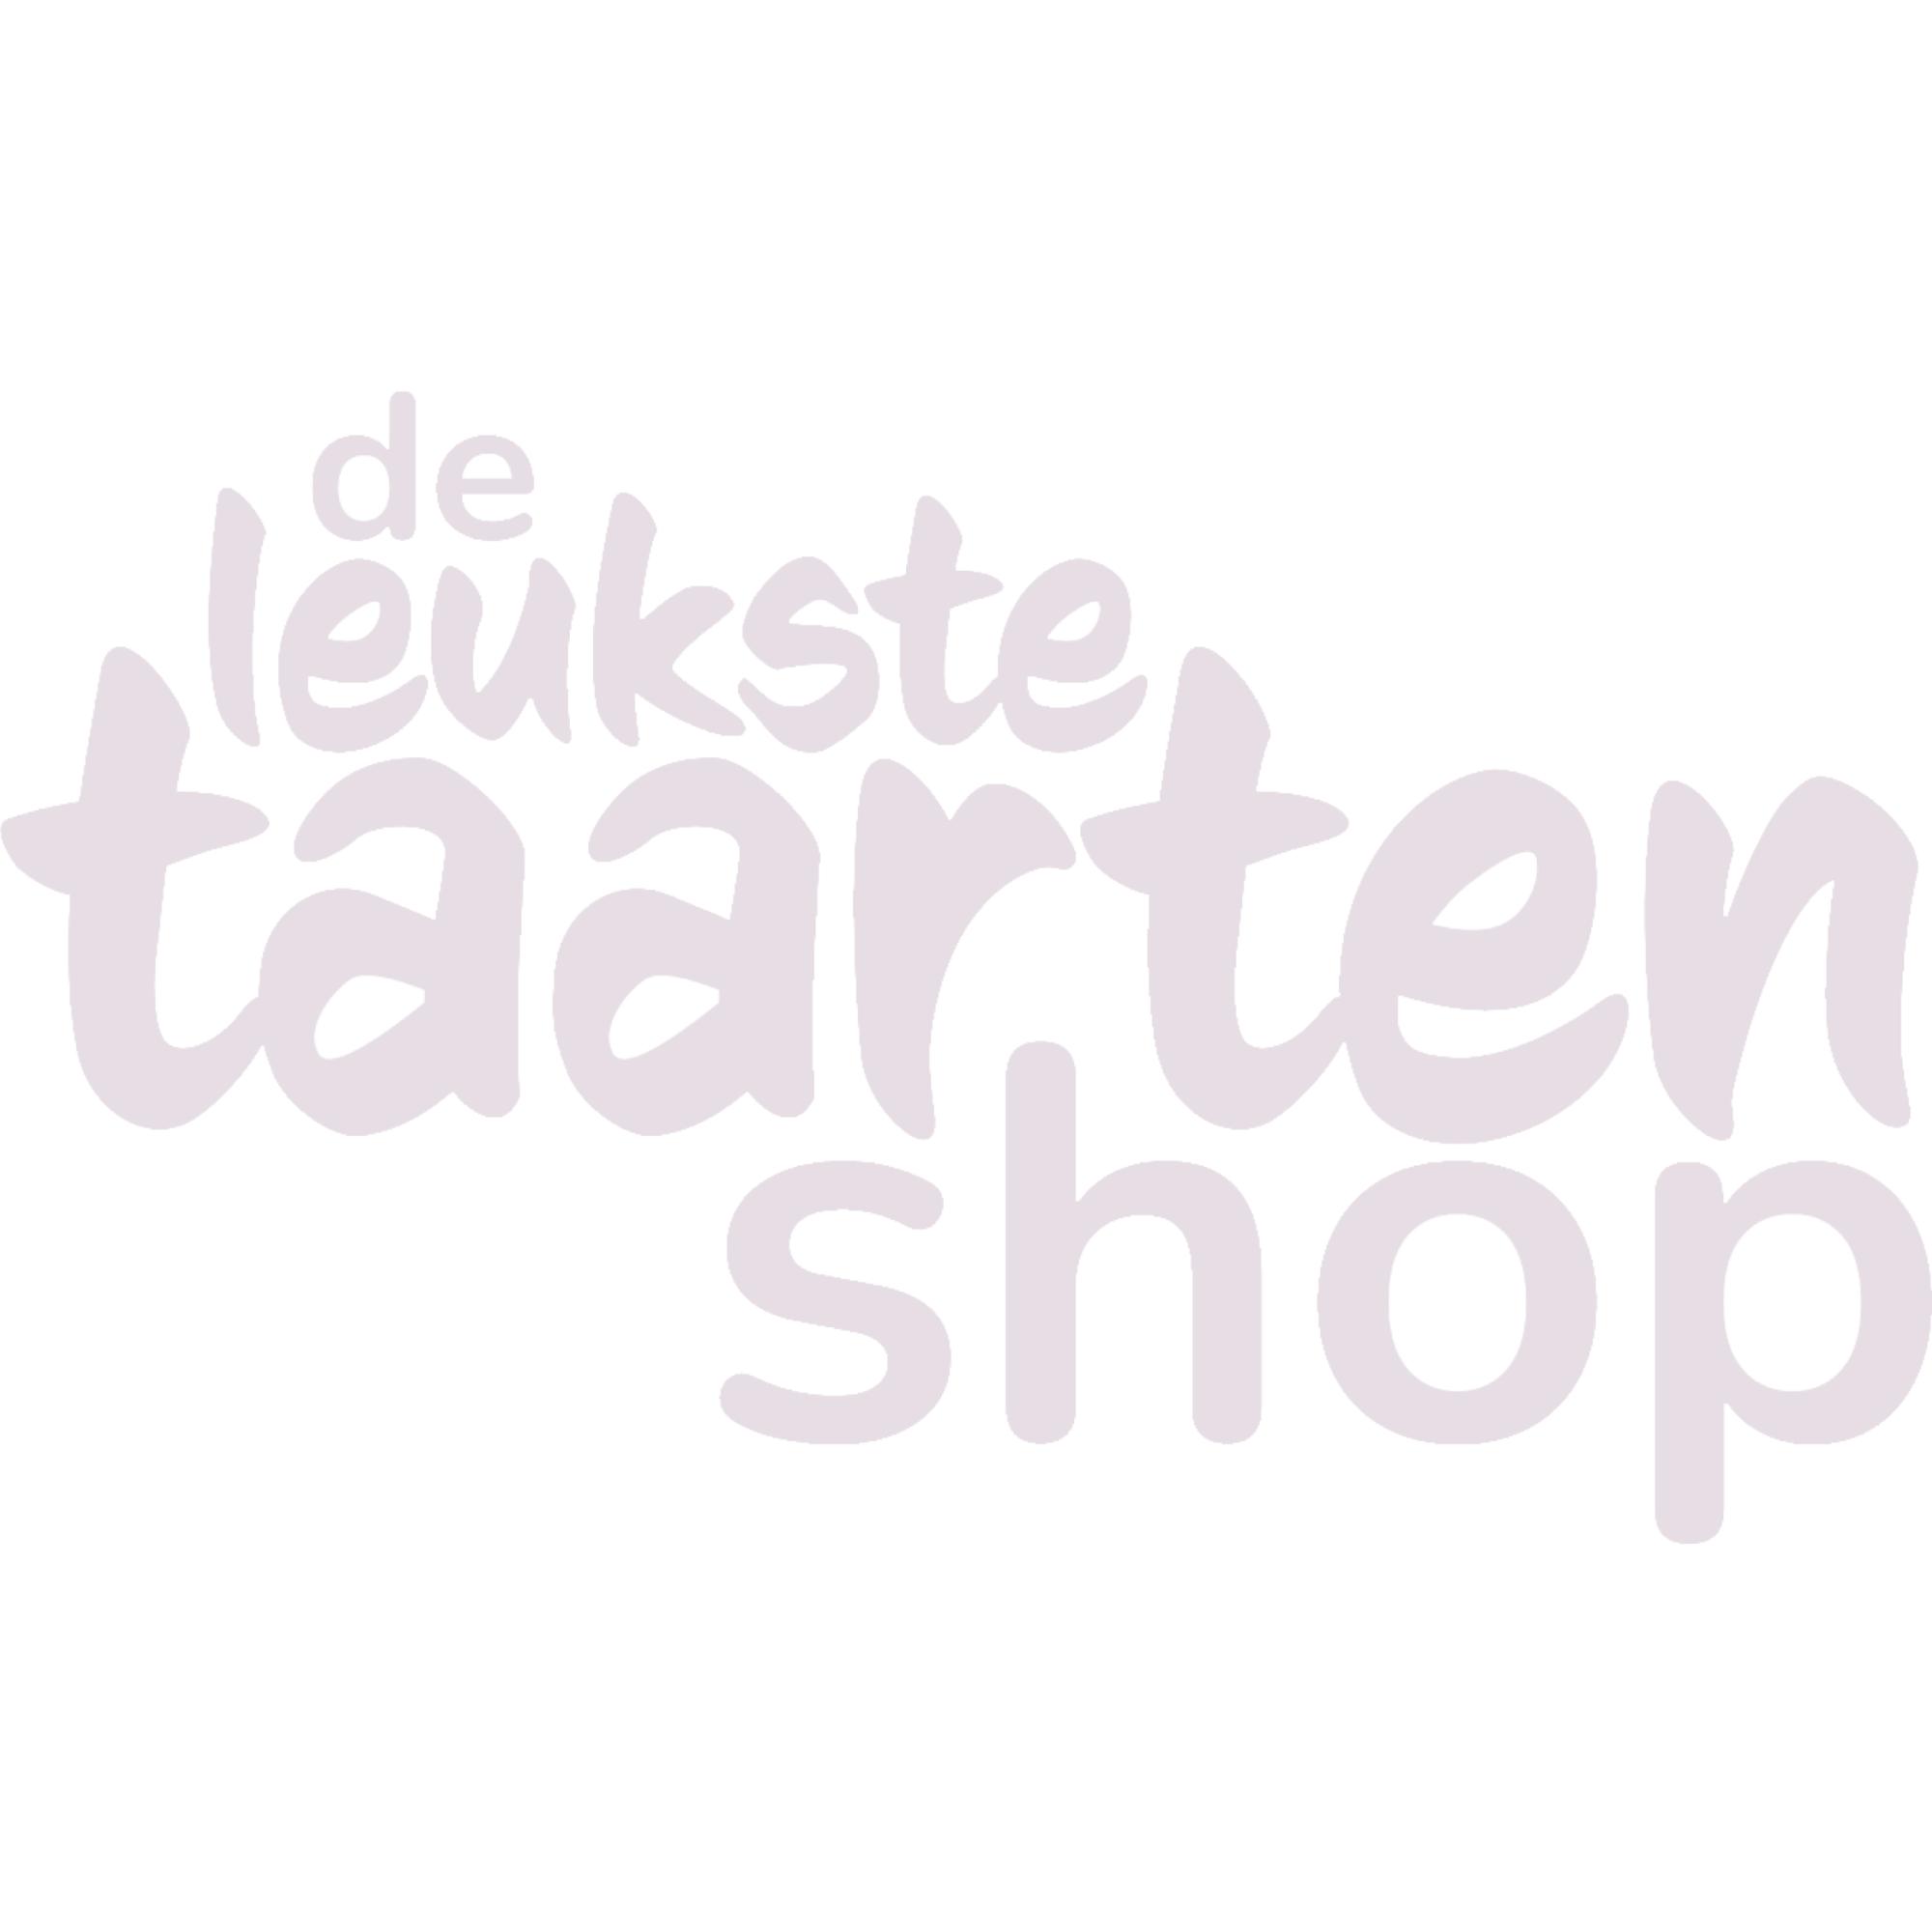 Recept: Chocolate cupcake pops | Deleukstetaartenshop com